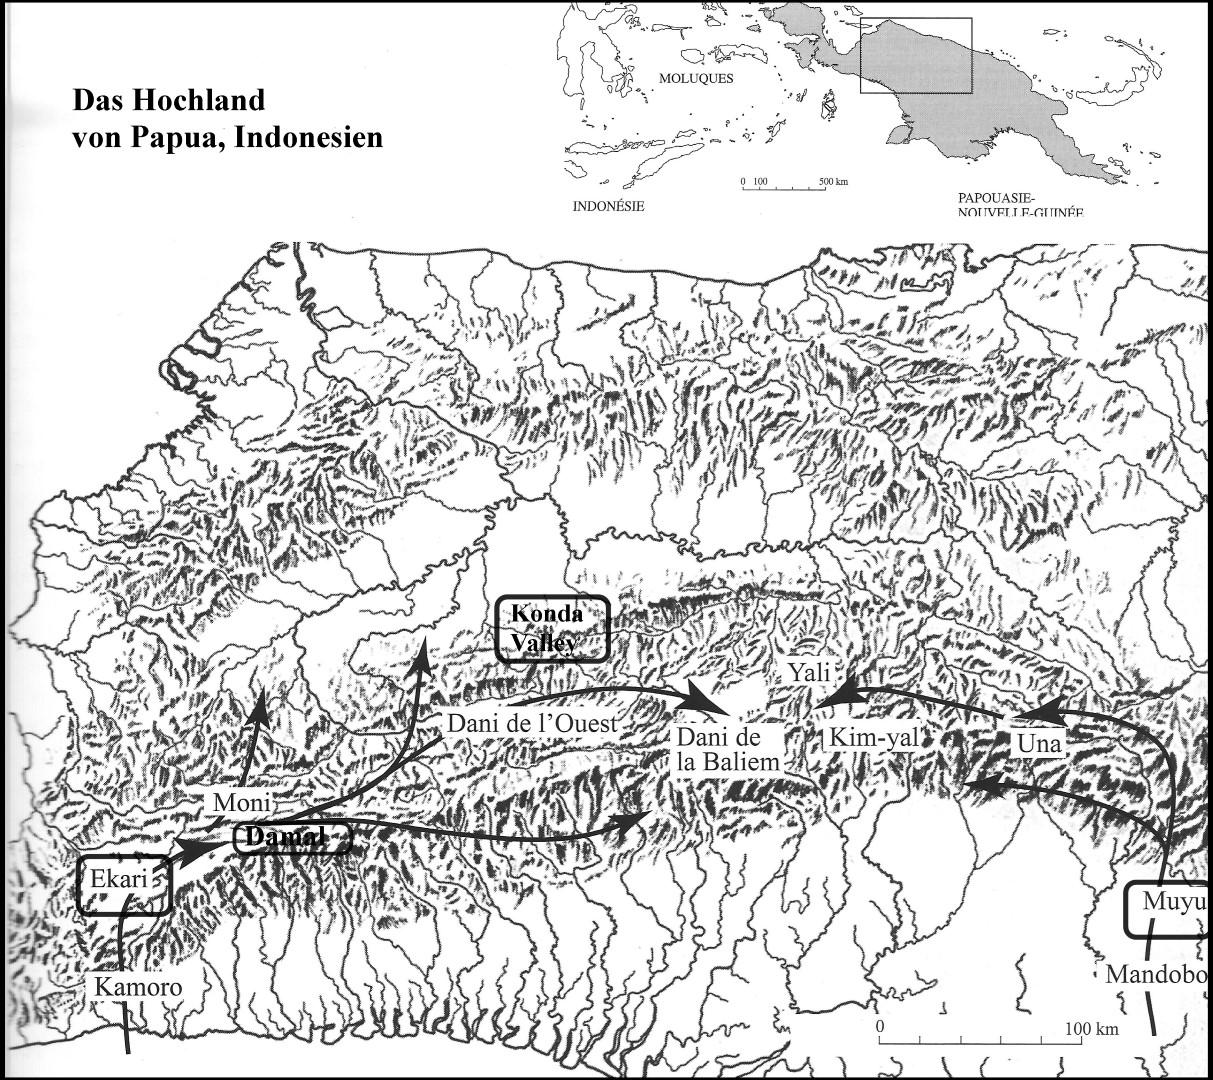 Abb. 1-2: Hauptachse der Kauri-Zirkulation im Hochland der indonesischen Provinz Papua (aus A. M. und P. Pétreqin: Objets de pouvoir en Nouvelle Guinée, 2006, S. 159).